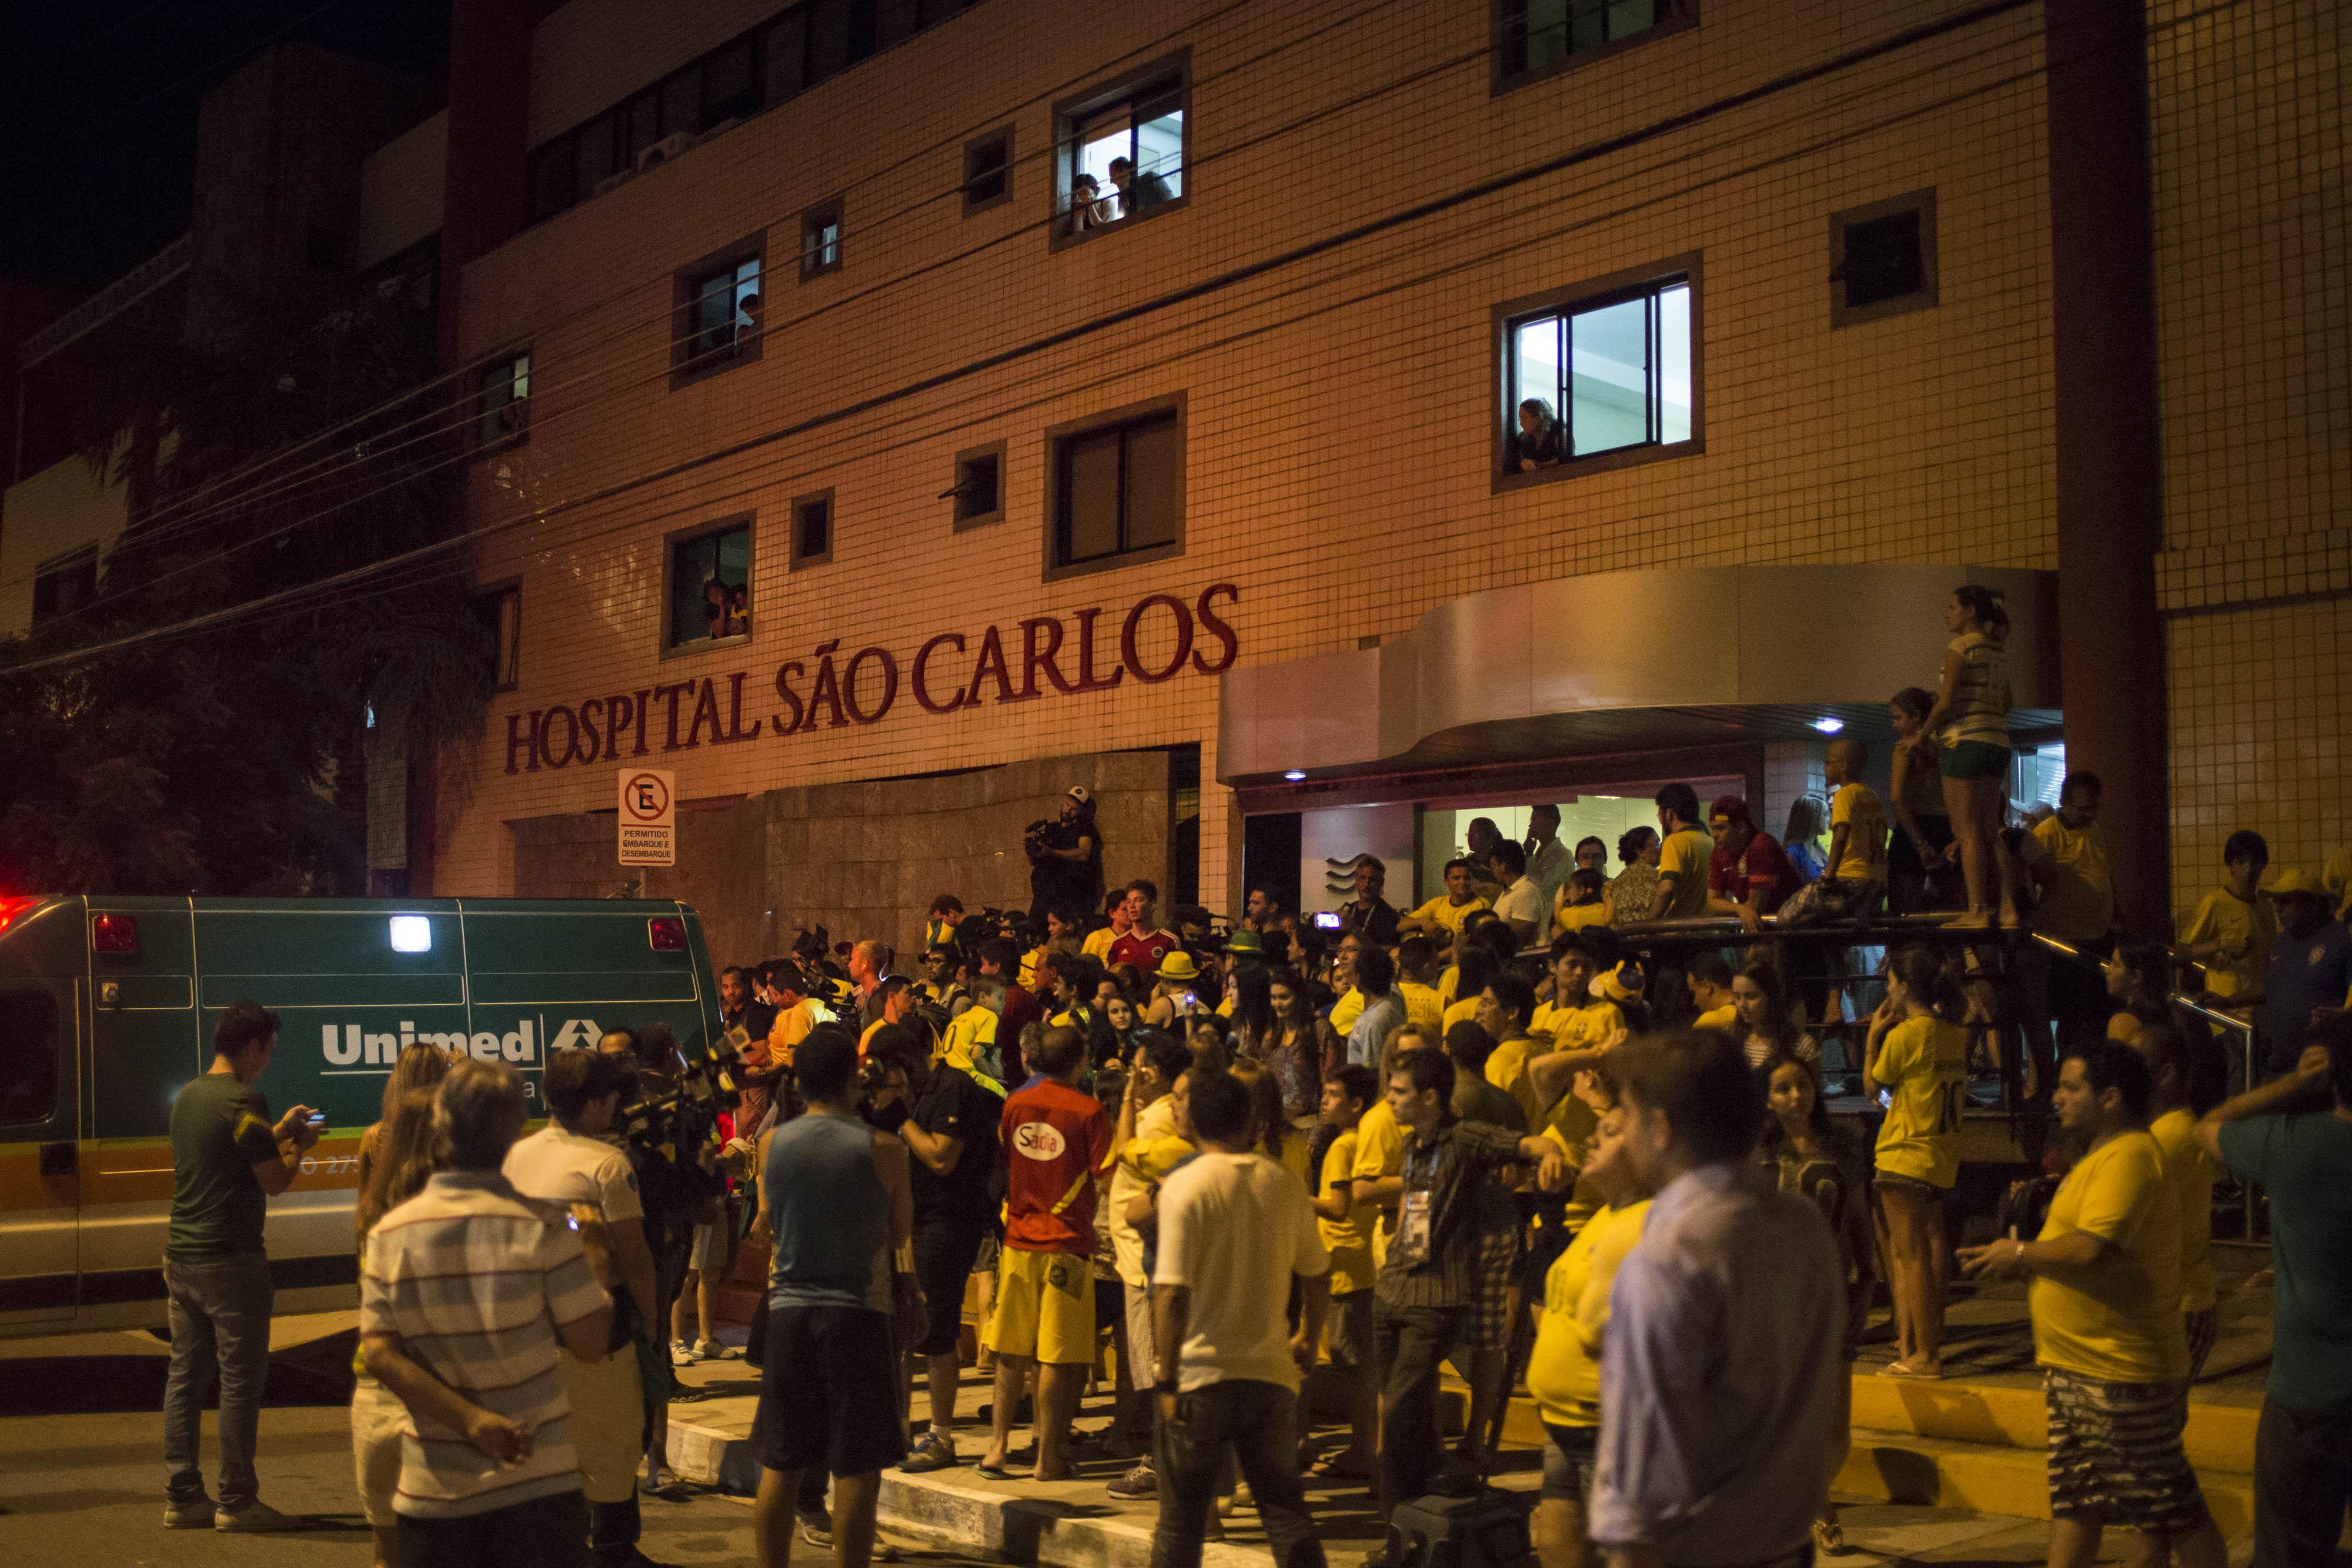 Бразильские болельщики приехали поддержать Неймара